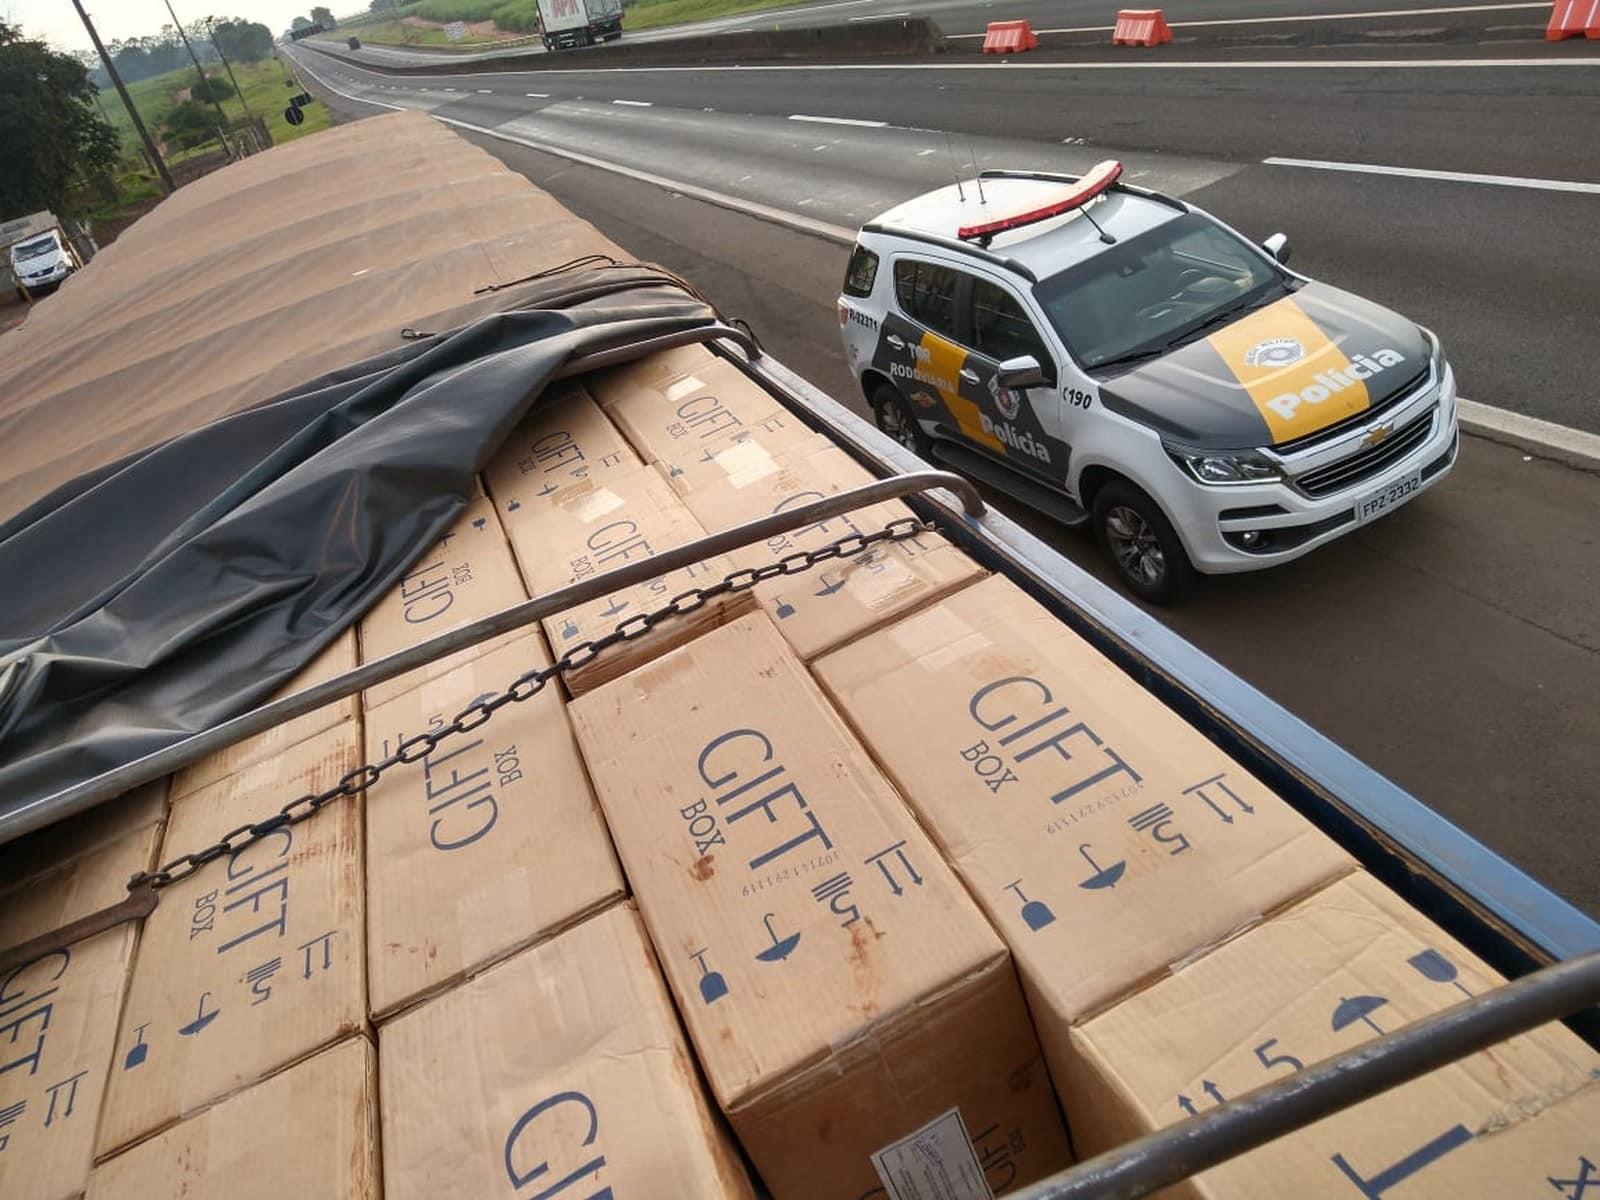 Polícia Rodoviária apreende carga de cigarros sem nota fiscal em rodovia de Ourinhos — Foto: Polícia Rodoviária/Divulgação